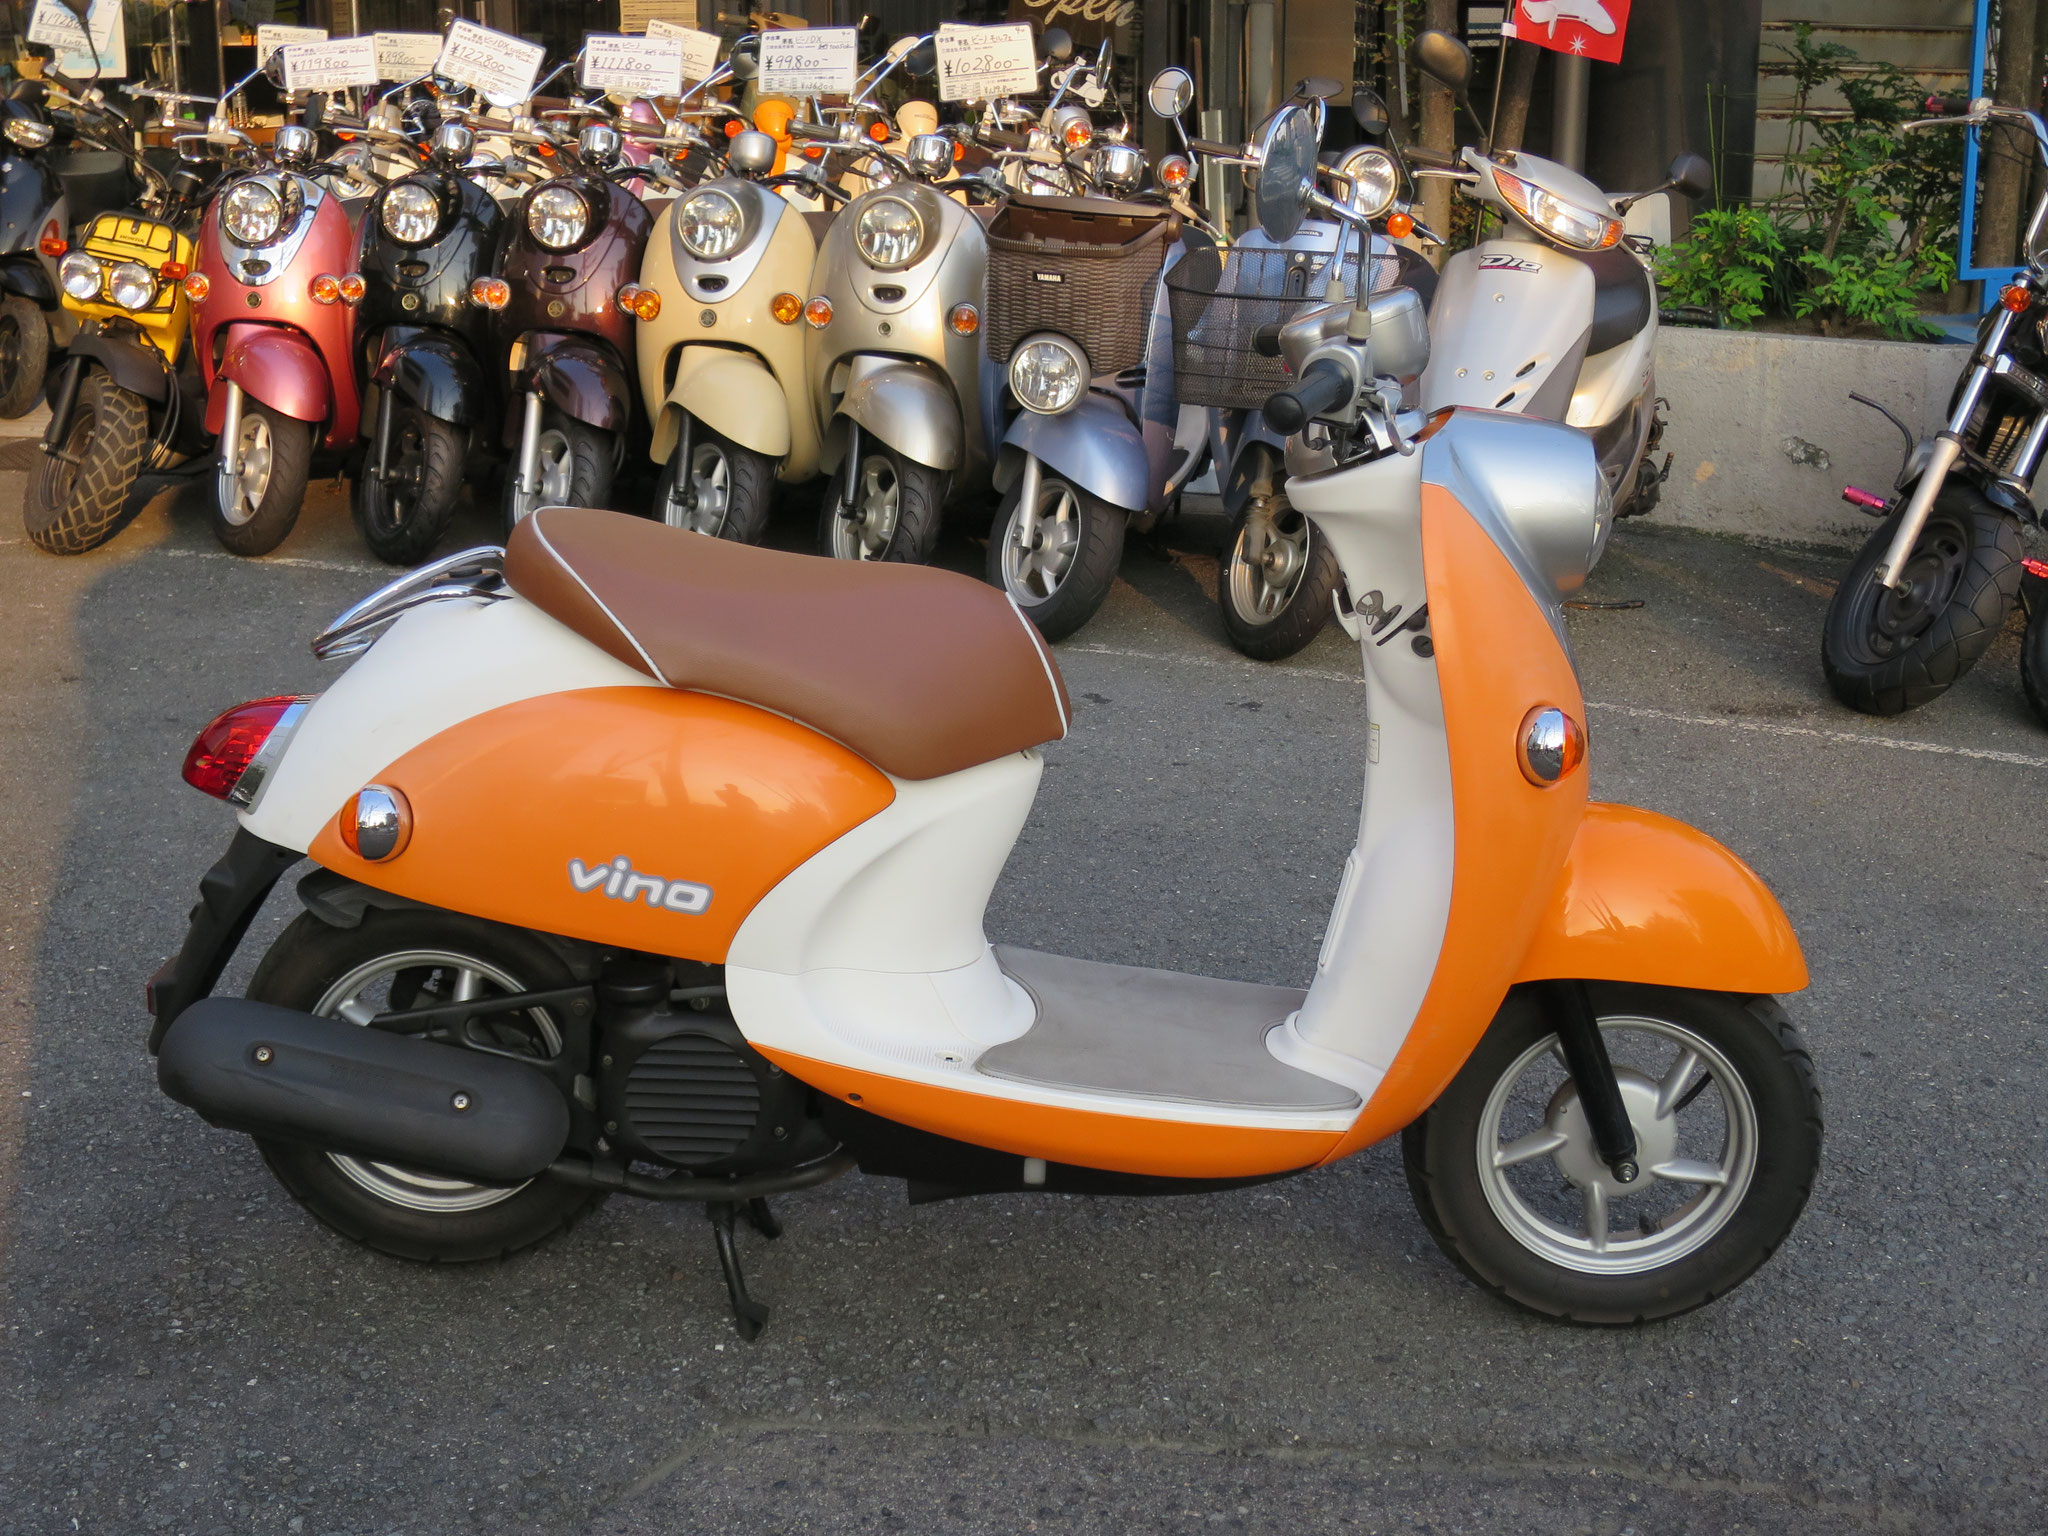 4st ビーノ オレンジ色